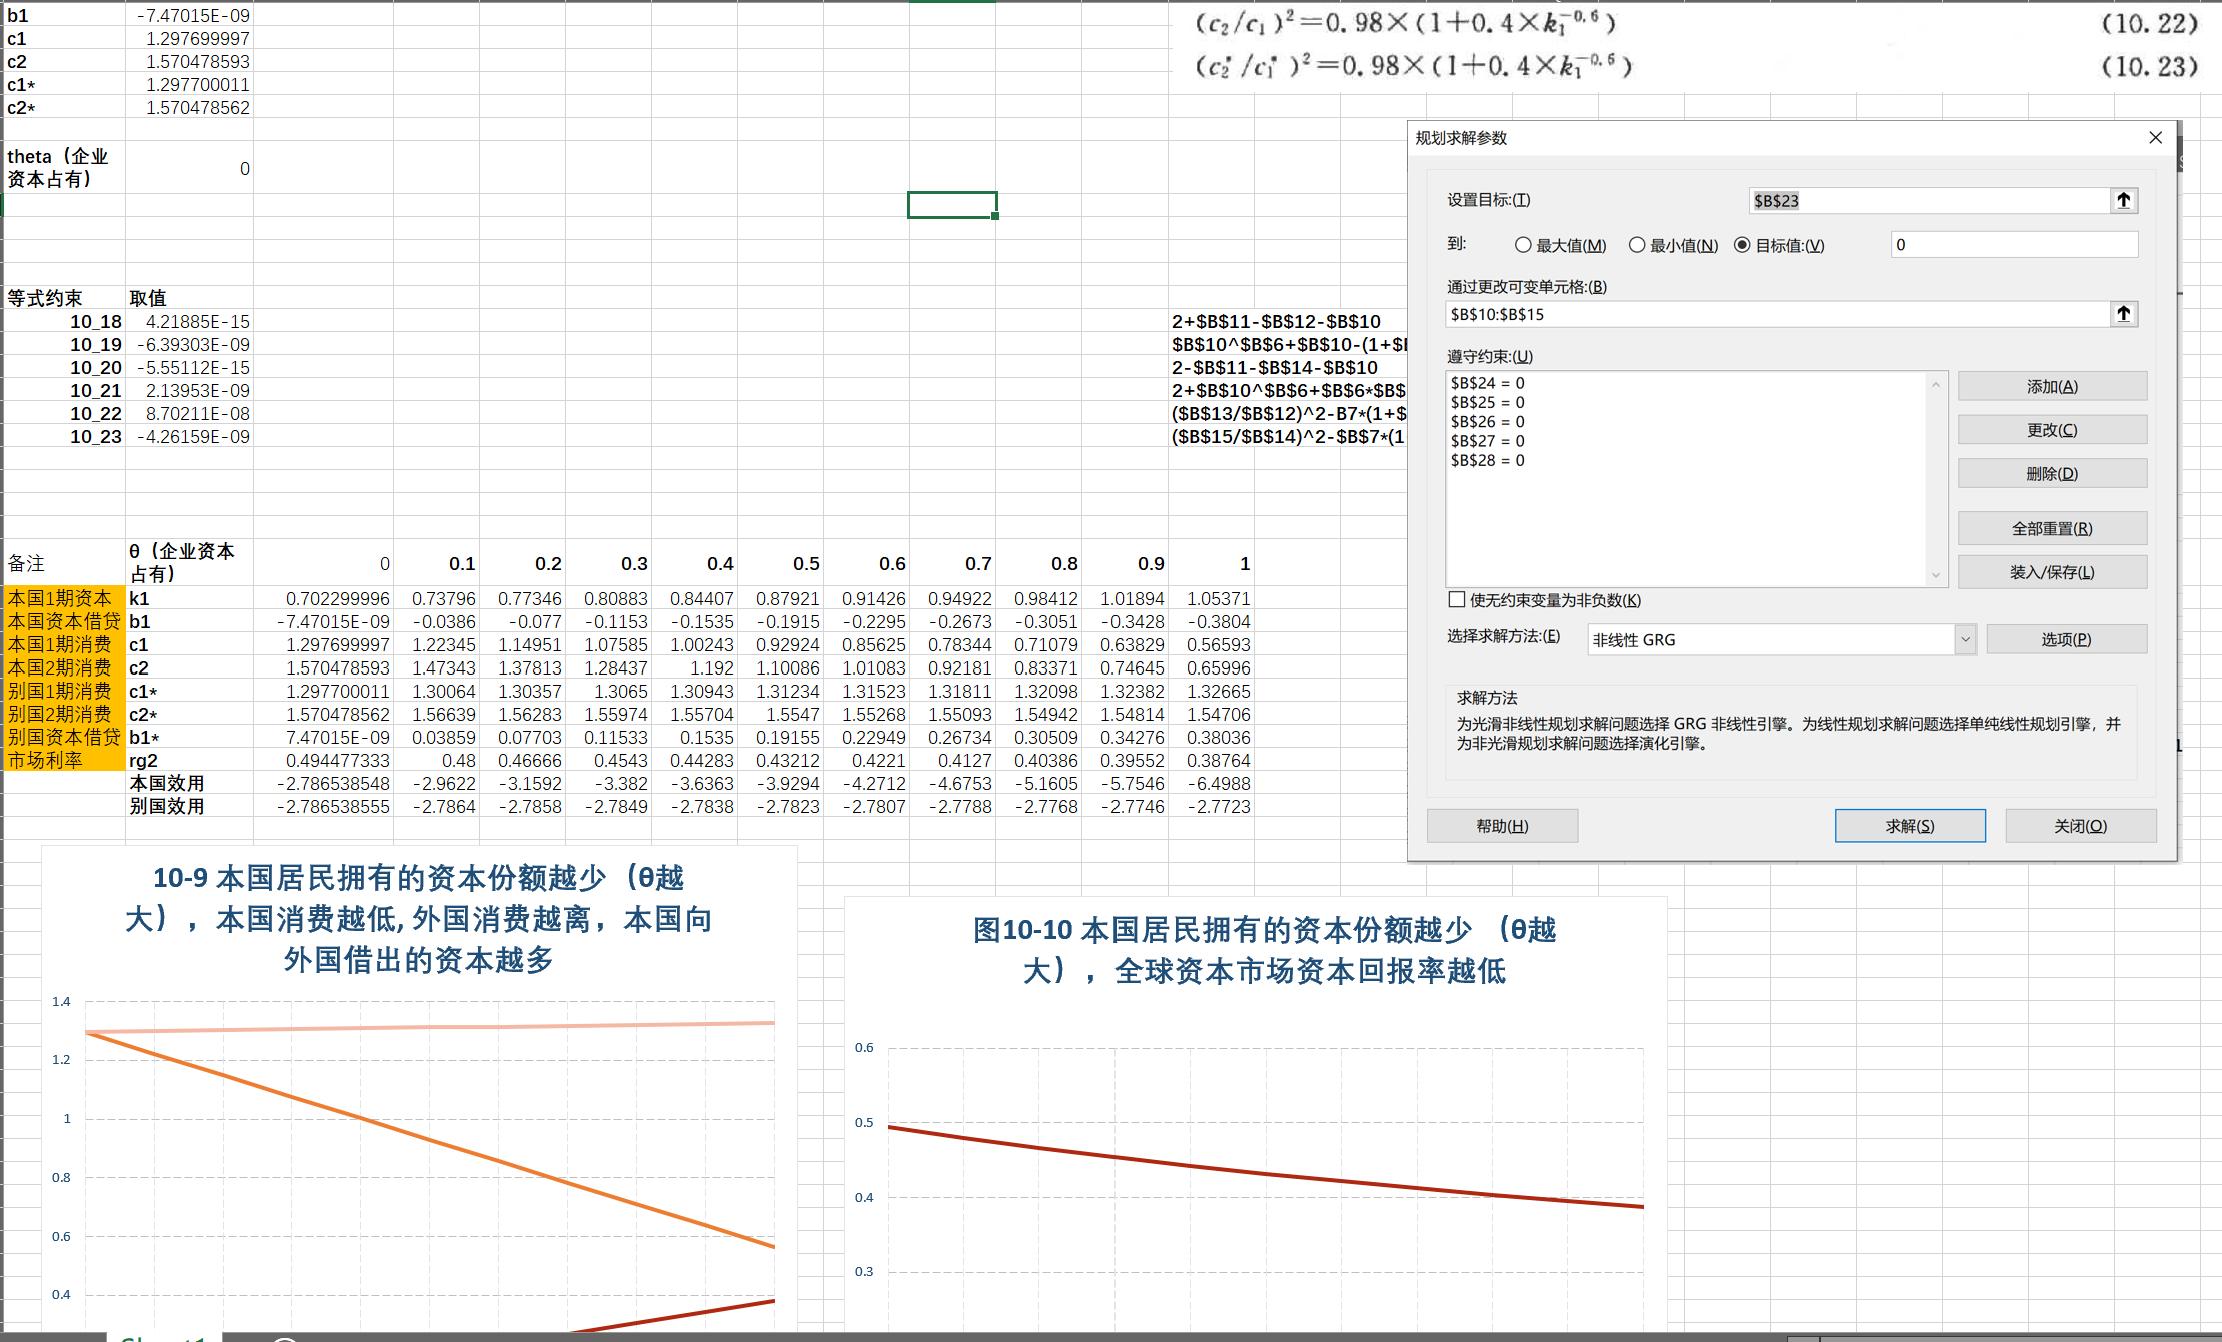 宏观经济学采用总量分析法对不对_swot分析法